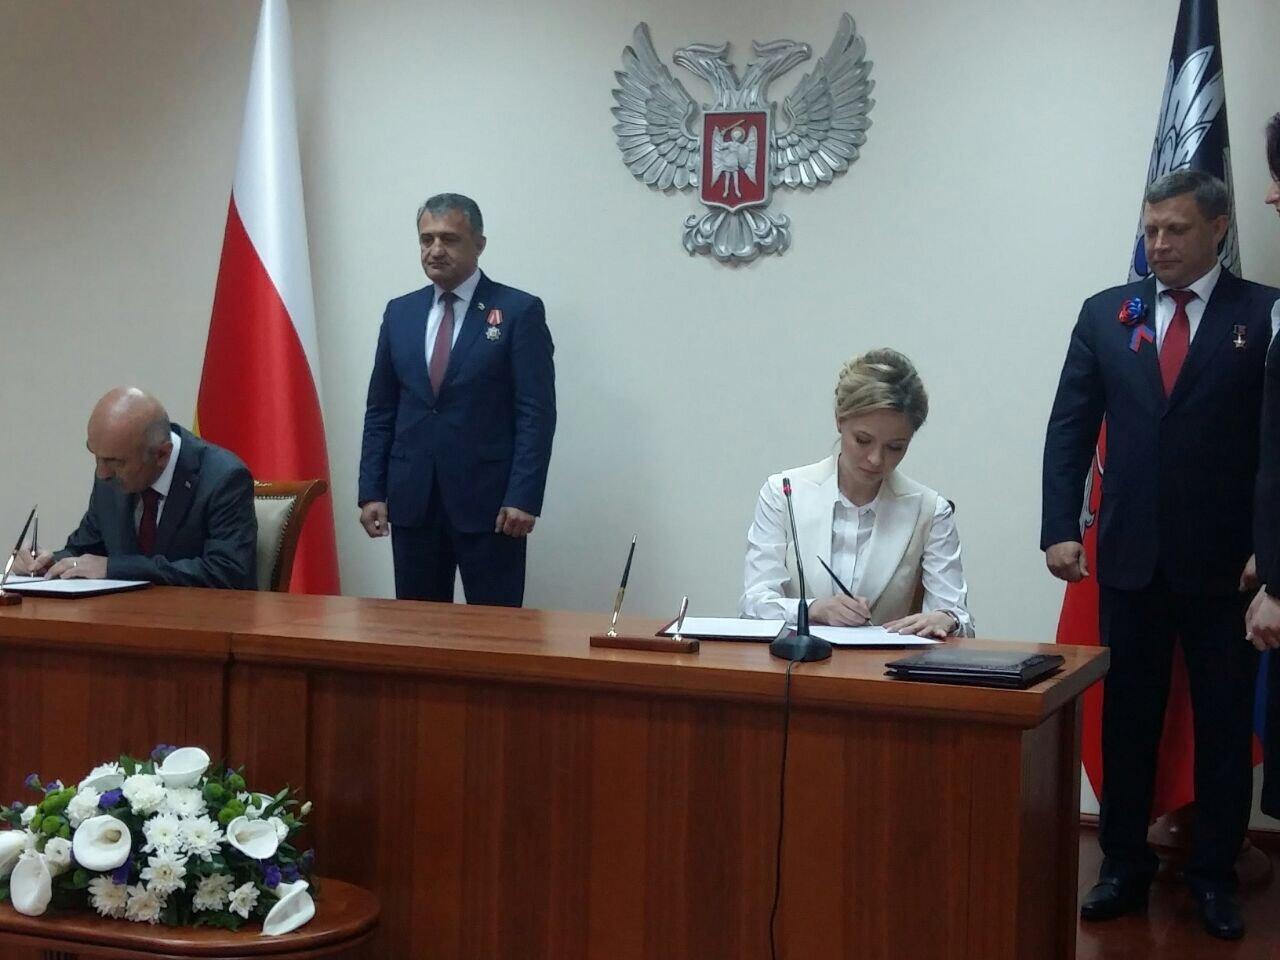 Главы МИД РЮО и ДНР подписывают протокол об установлении дипломатических отношений